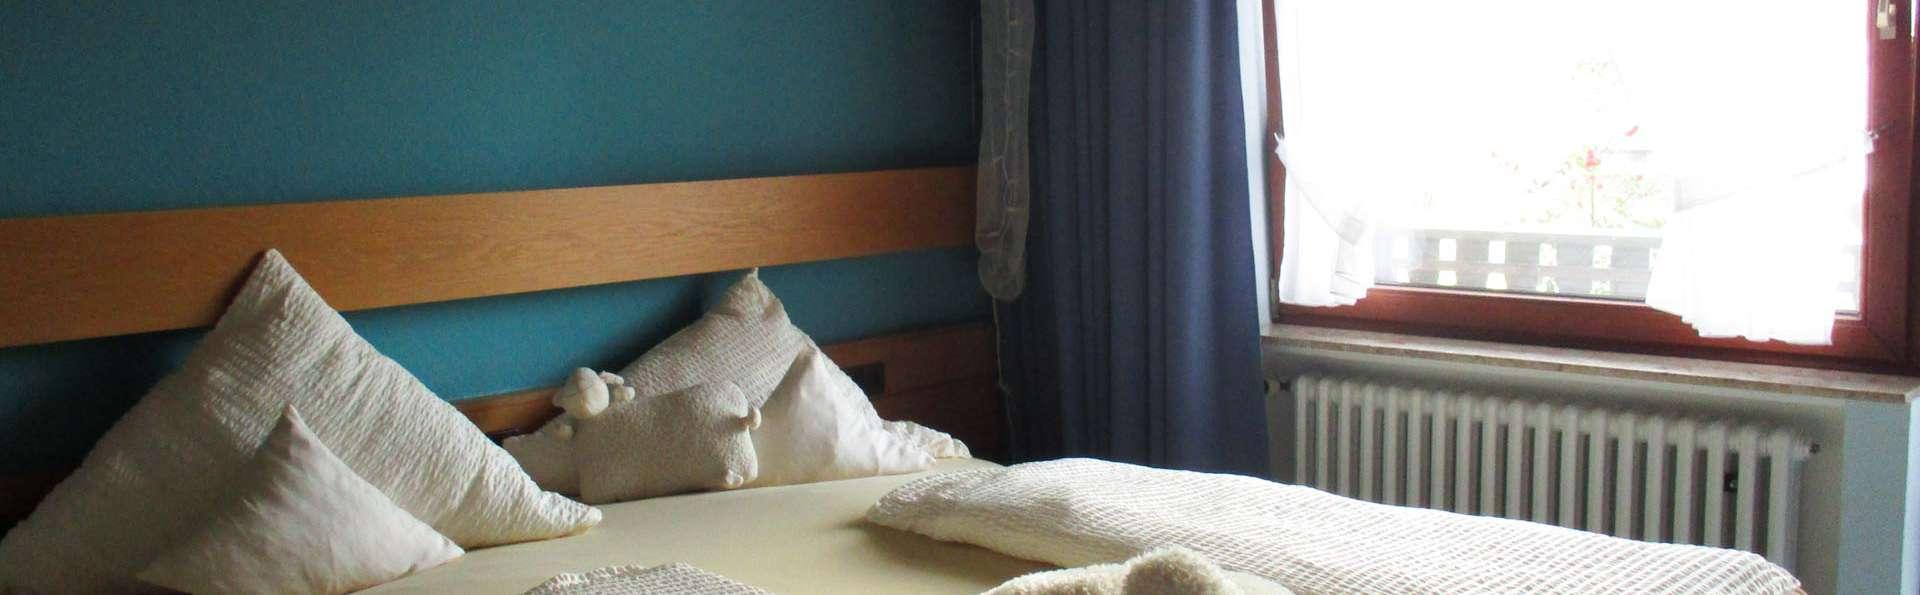 Hotel Laufelder Hof - EDIT_ROOM6.jpg